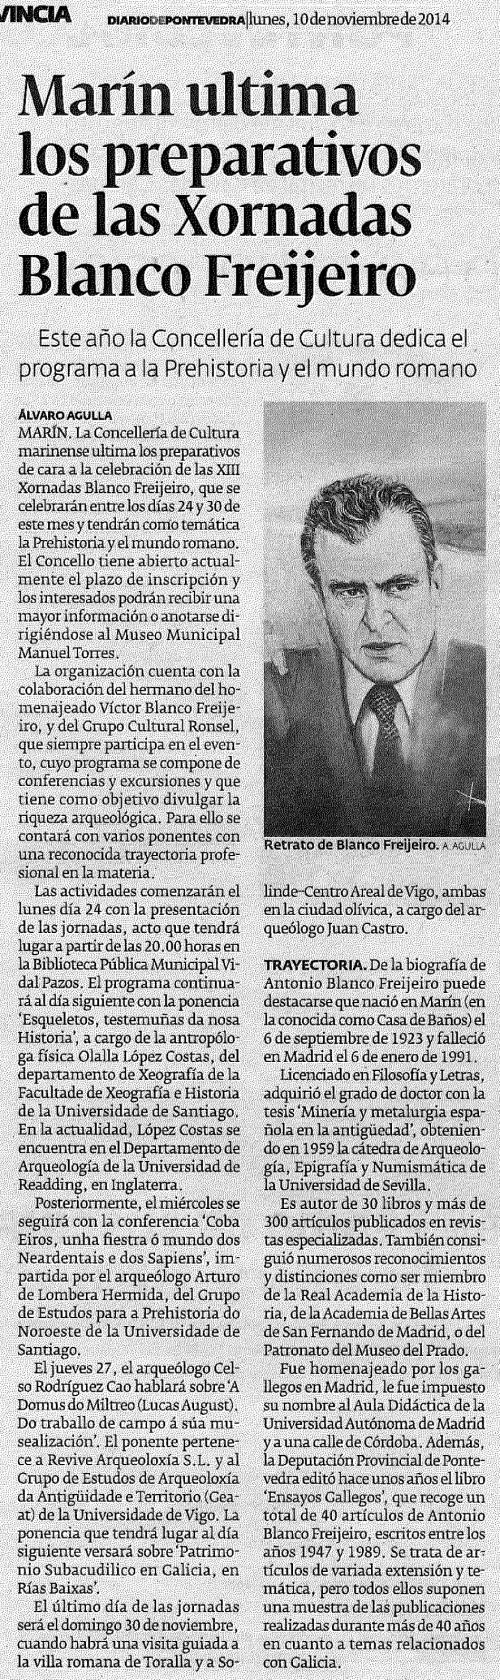 Diario, 10 de novembro 2014.